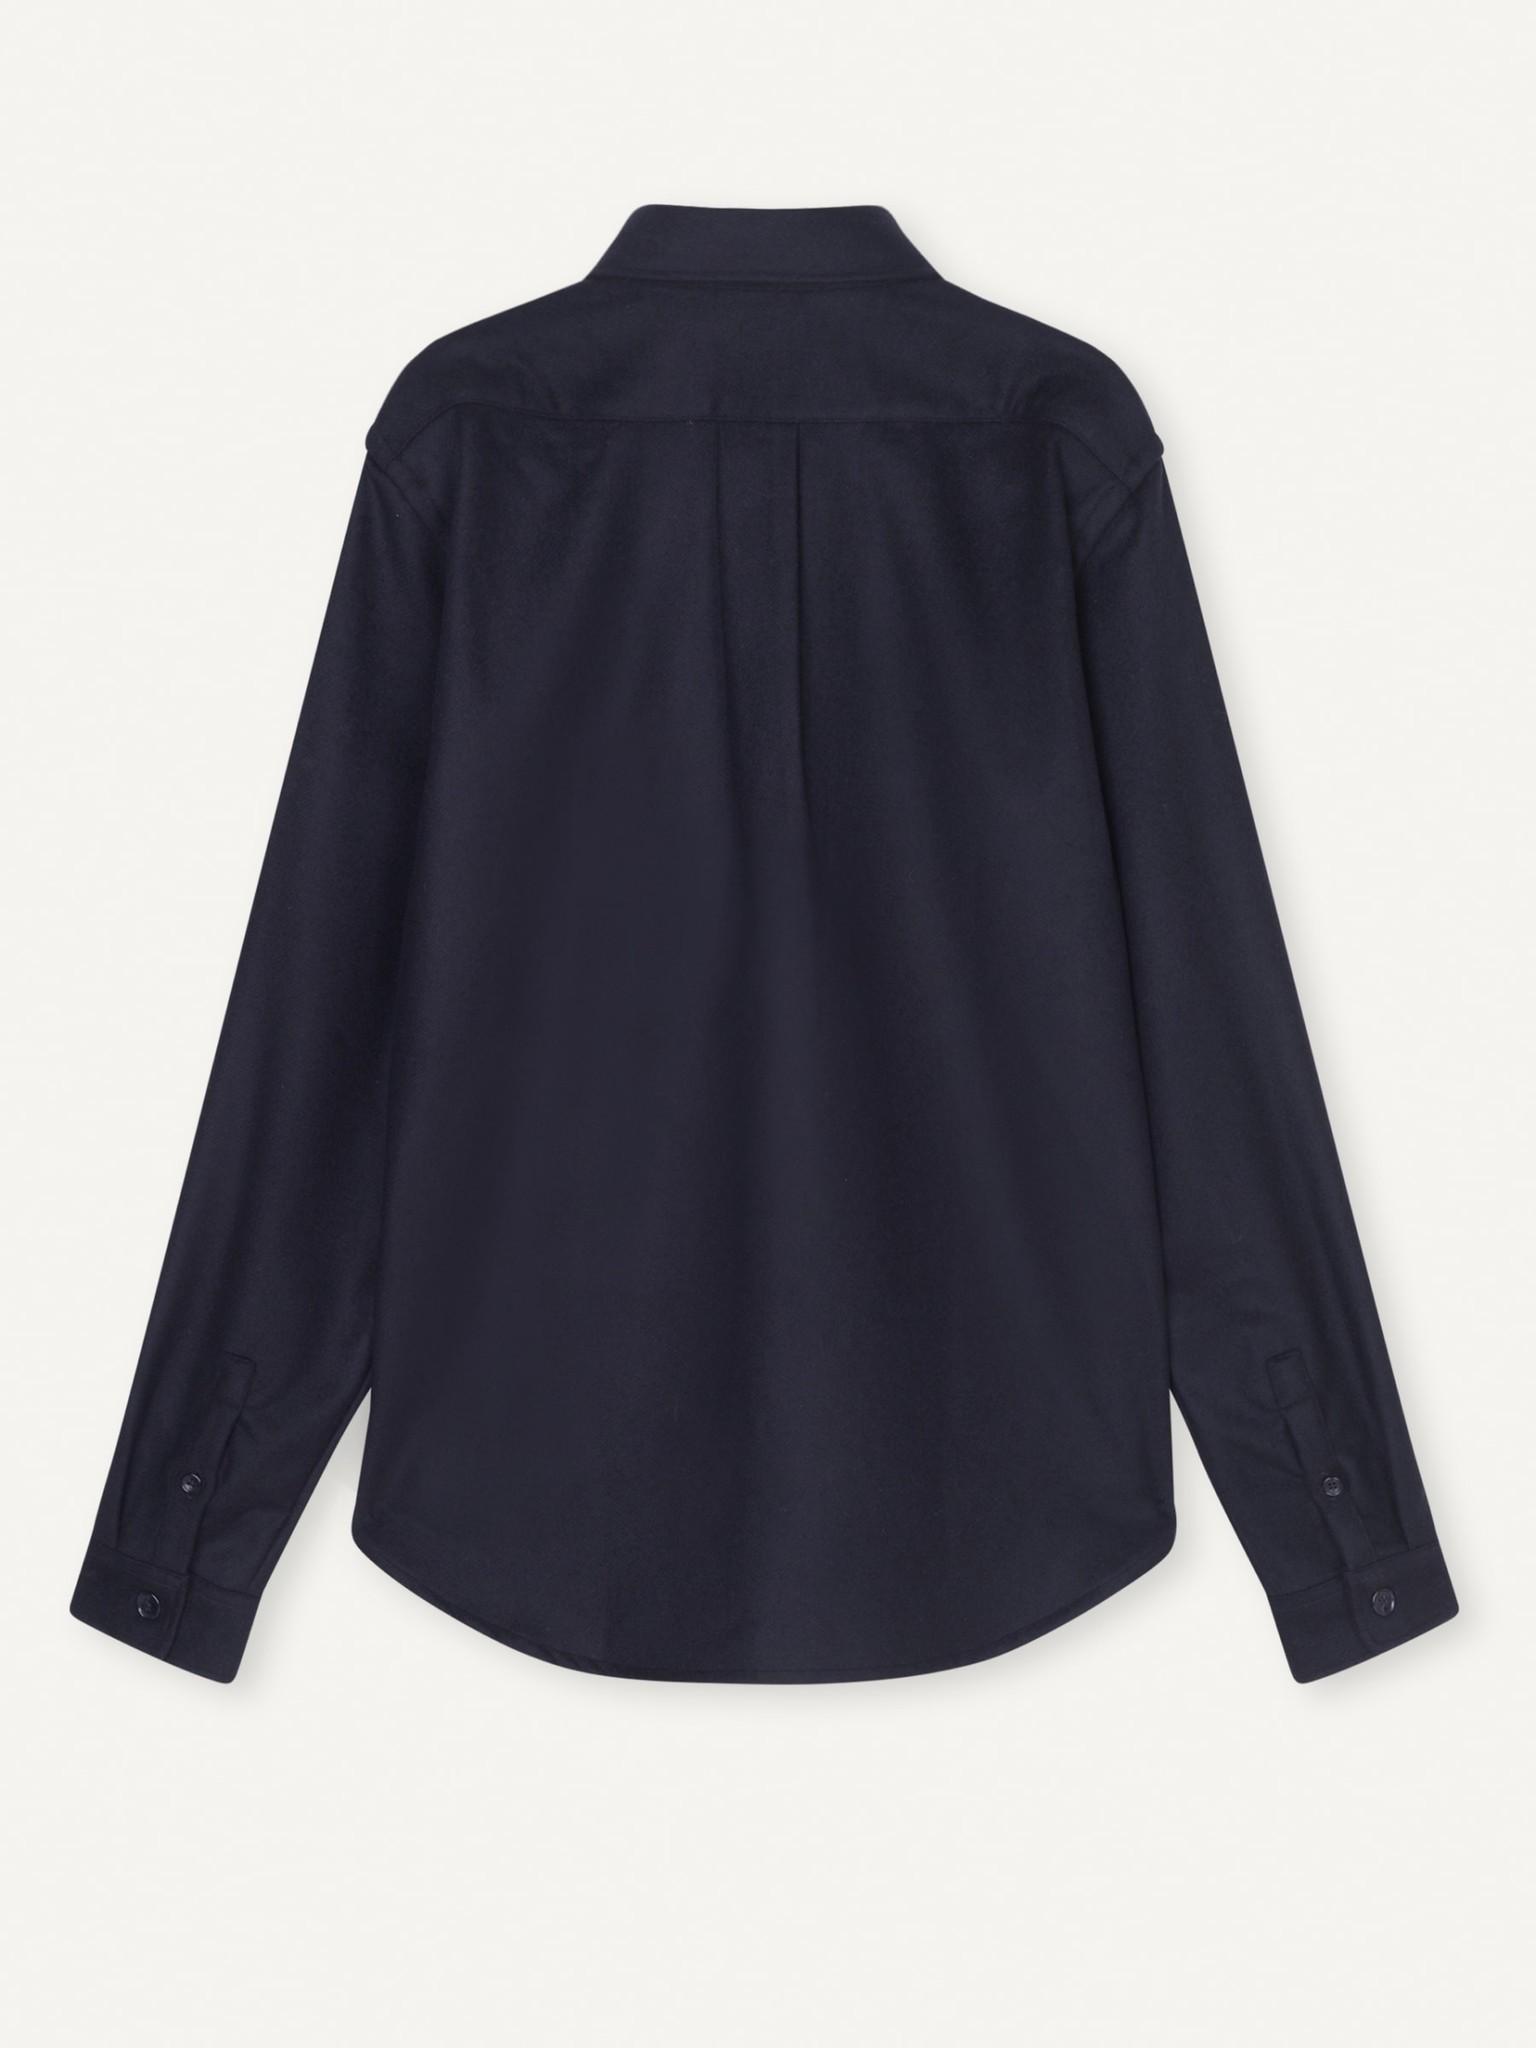 Babylon Donker Blauw Shirt Heren-3